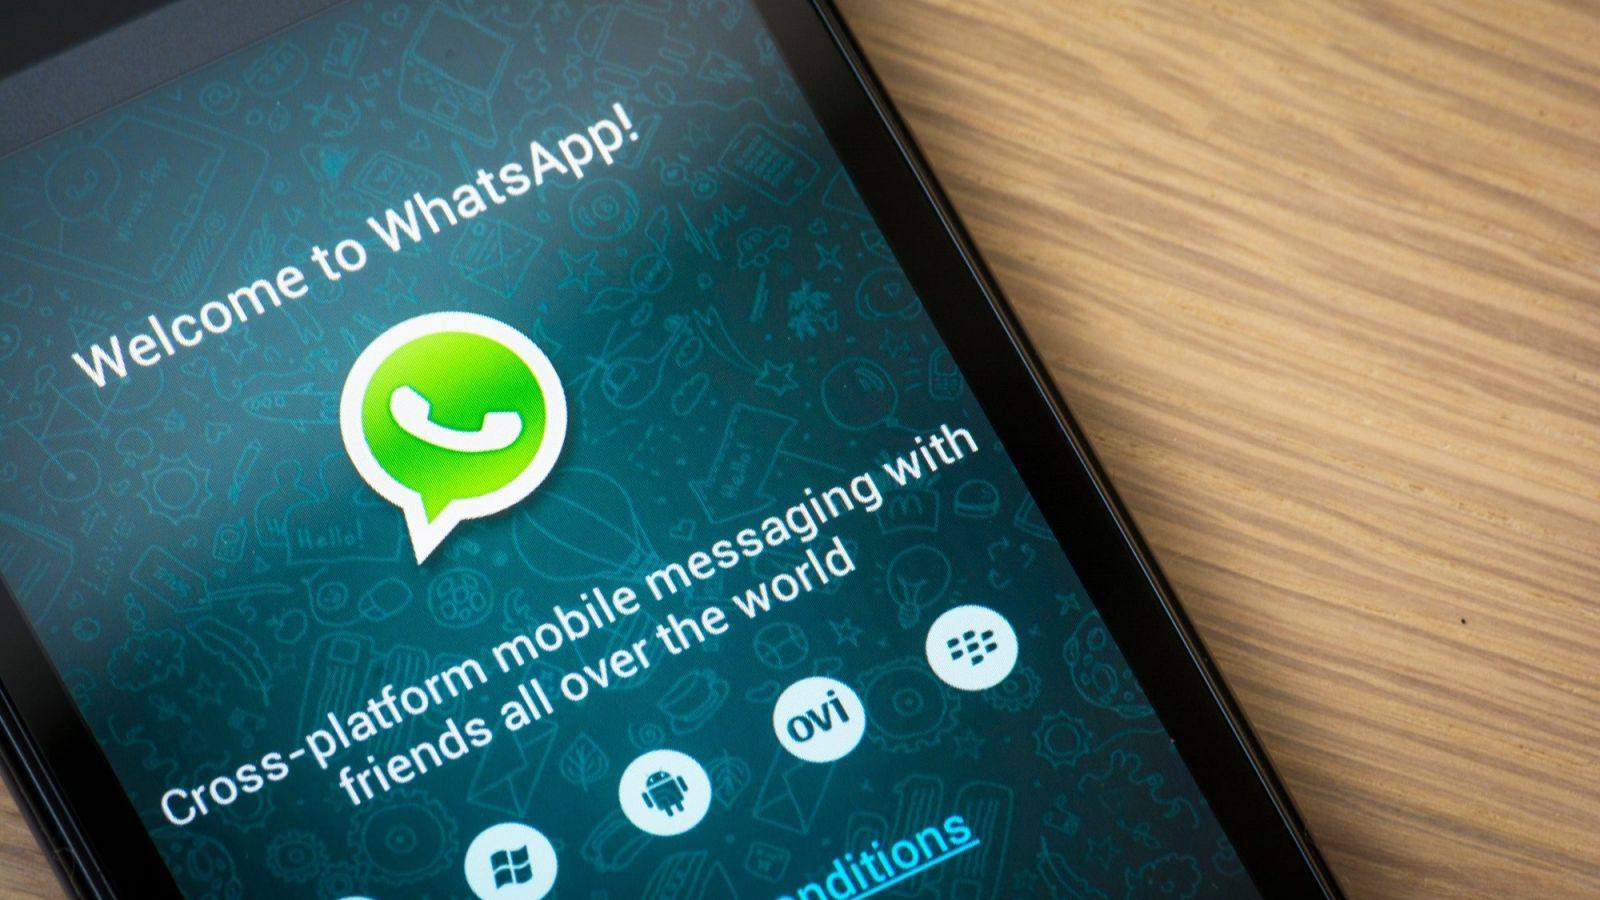 WhatsApp: Γιατί εκατομμύρια χρήστες εγκαταλείπουν την εφαρμογή – Η αλλαγή στην πολιτική